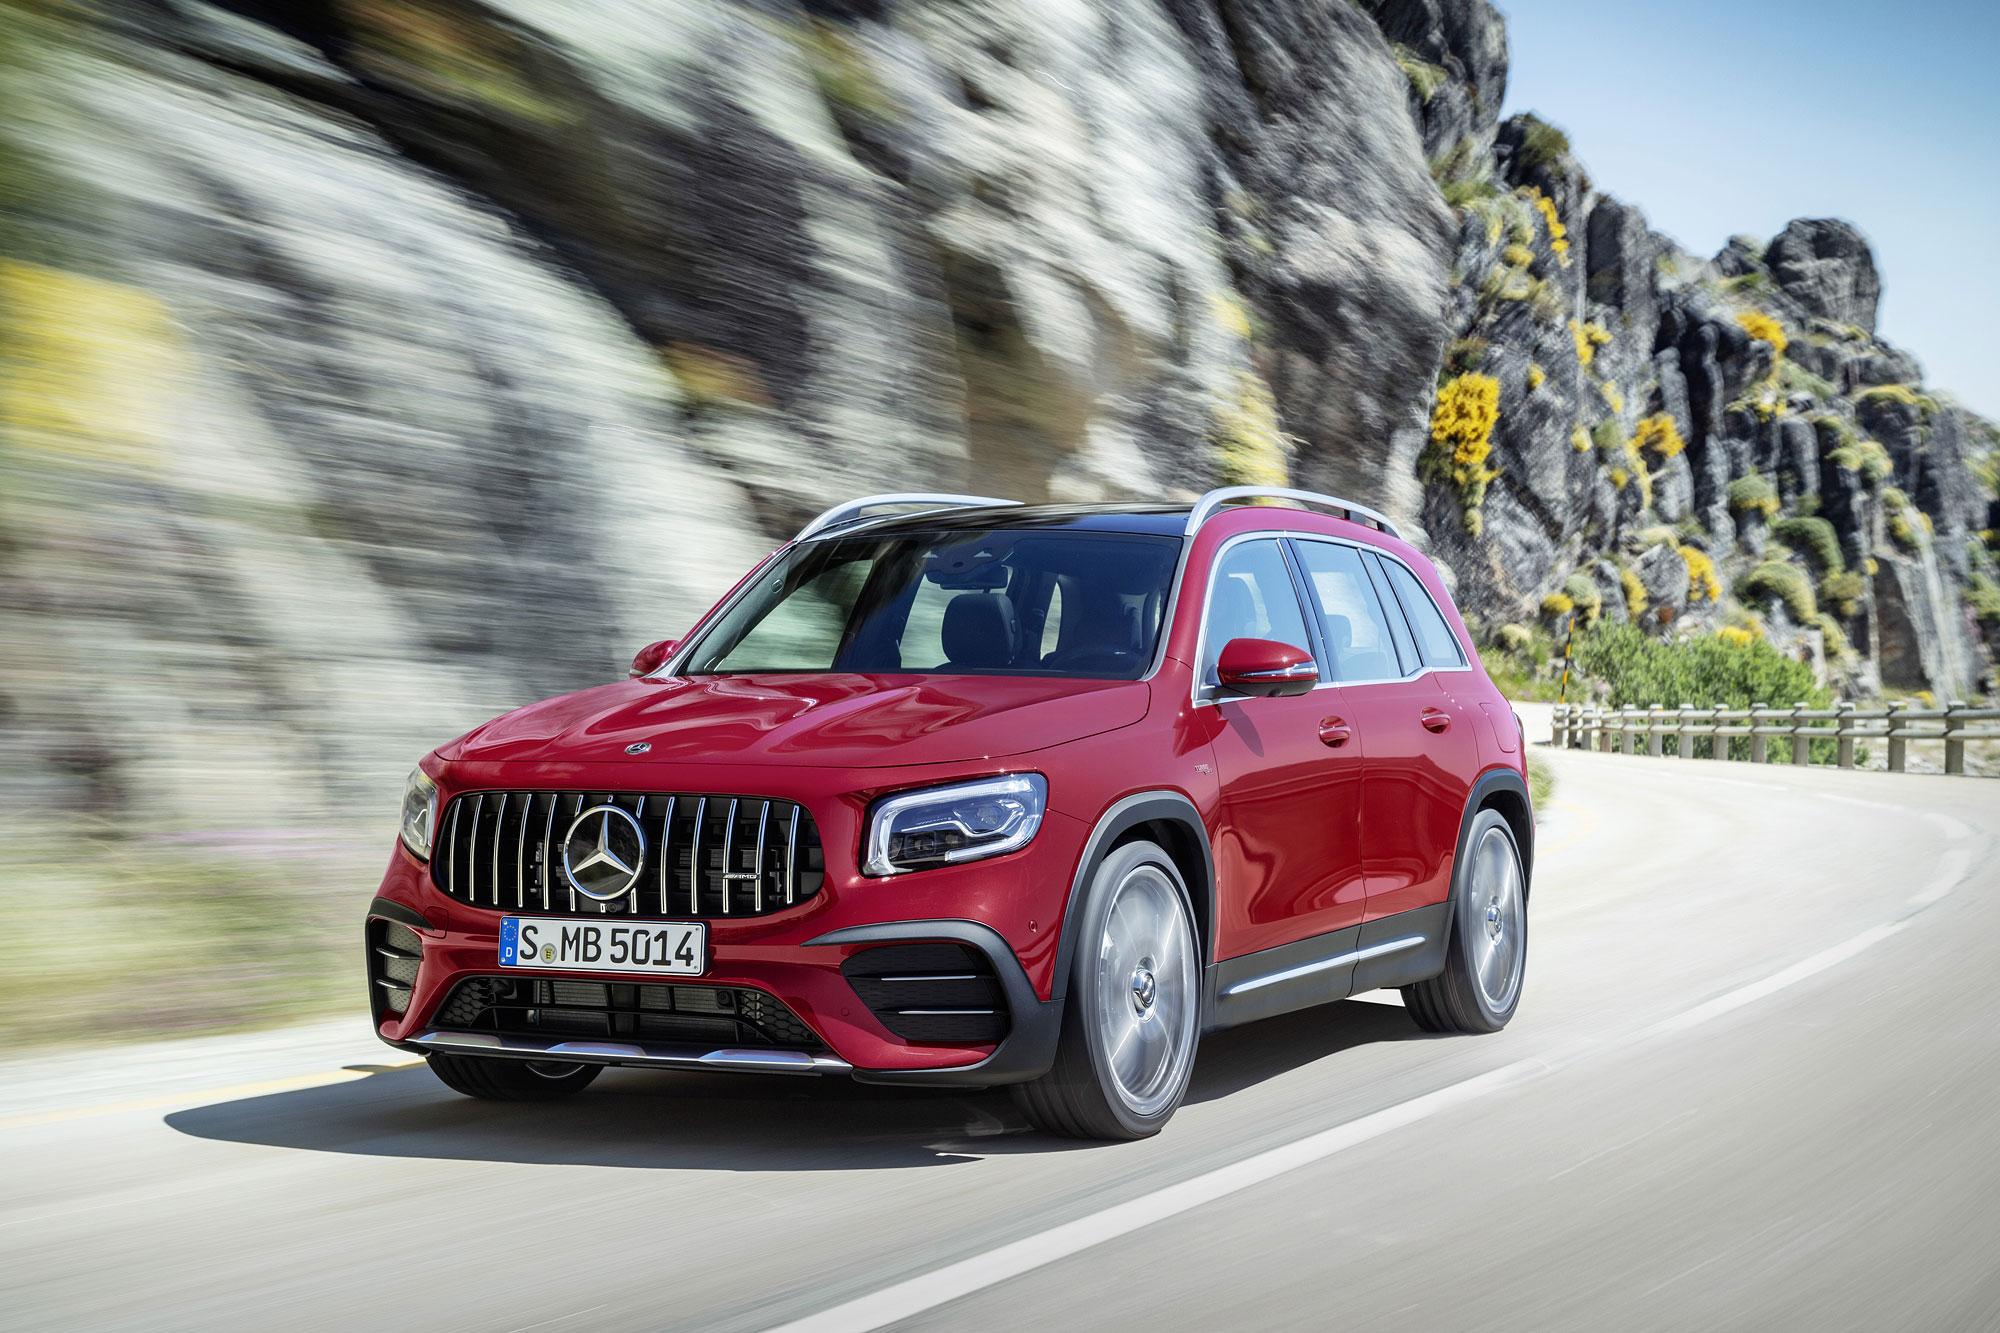 甫於今年 6 月發表的 GLB ,將在 IAA 法蘭克福車展推出 Mercedes-AMG GLB 35 4Matic 。